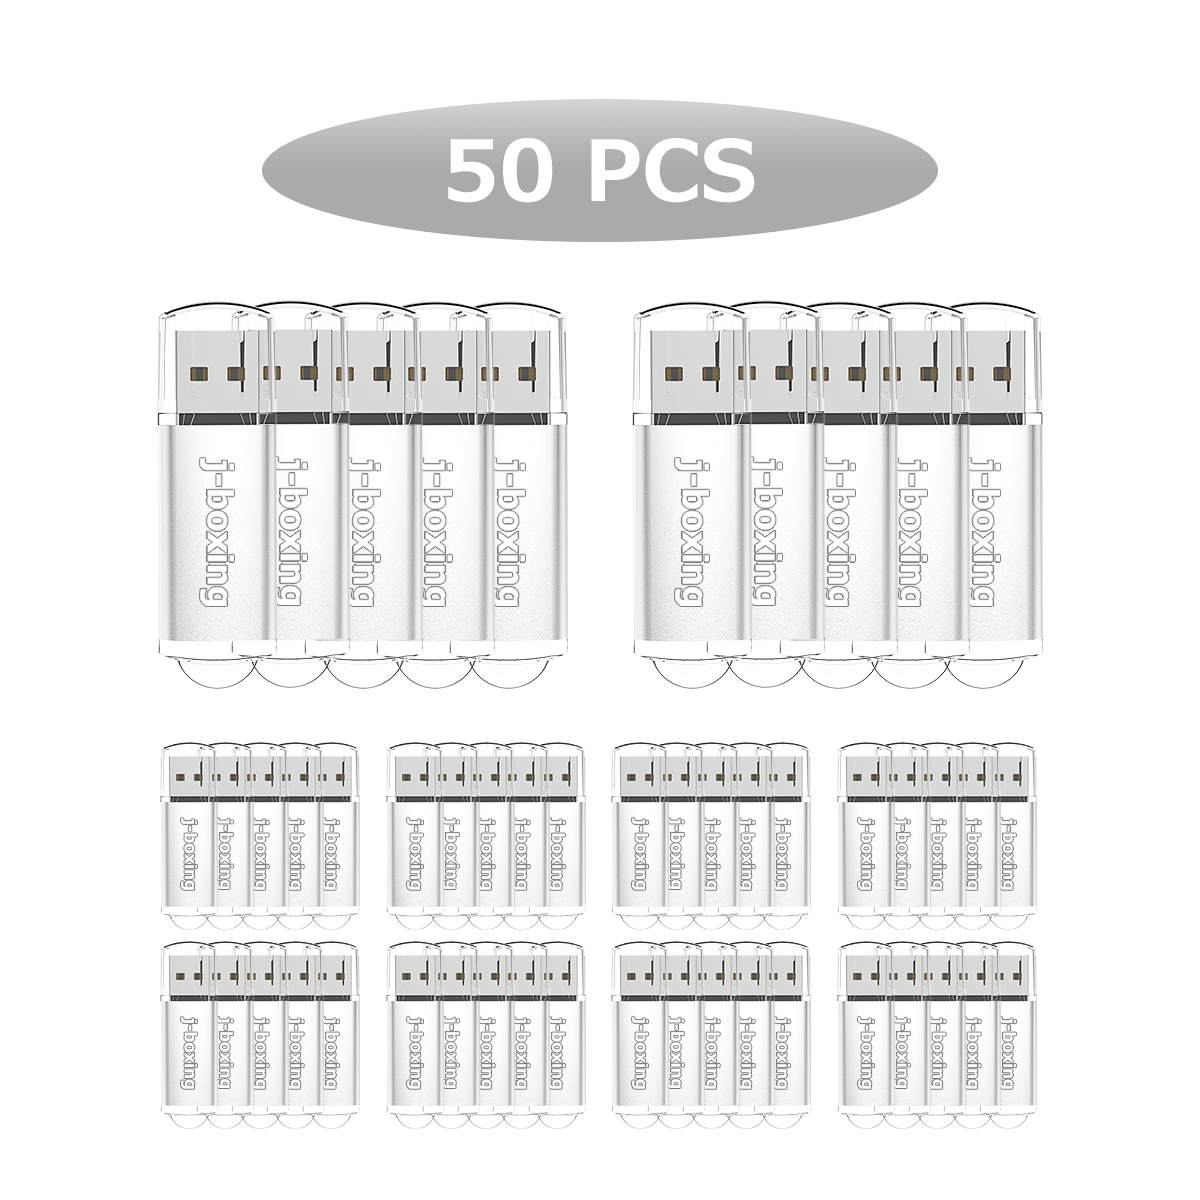 J-boxing 50PCS 128MB USB Flash Drive Flash Pen Drive Rectangle Thumb USB Memory Stick for PC Laptop Tablet Macbook Multicolors